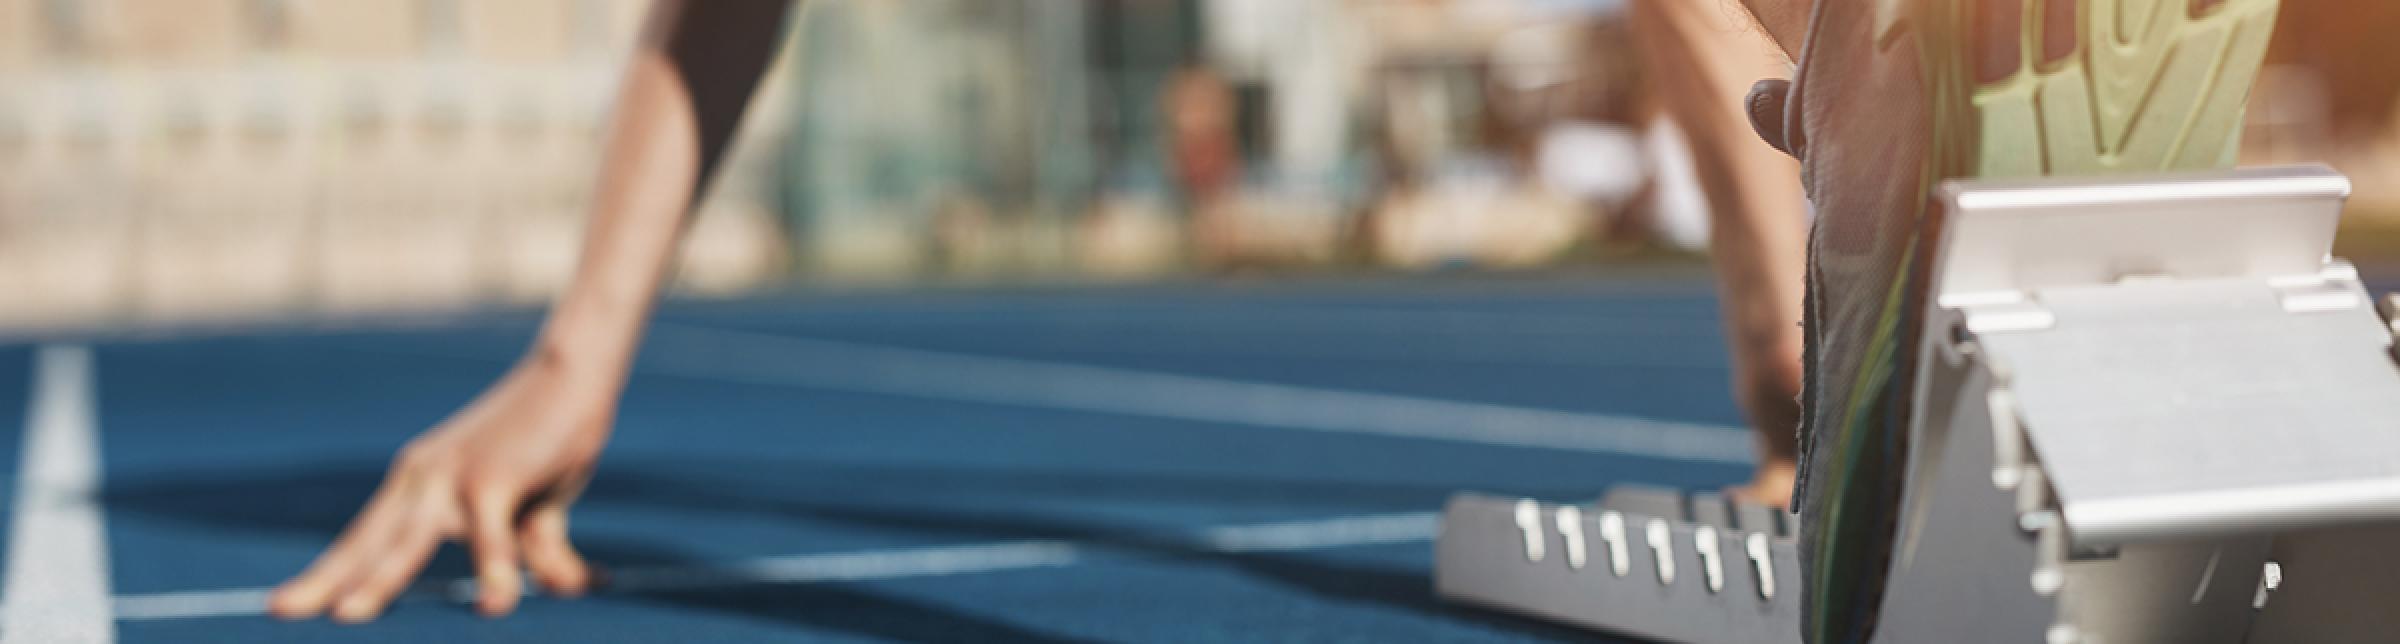 Un corridore pronto alla partenza dai blocchi su una pista di atletica